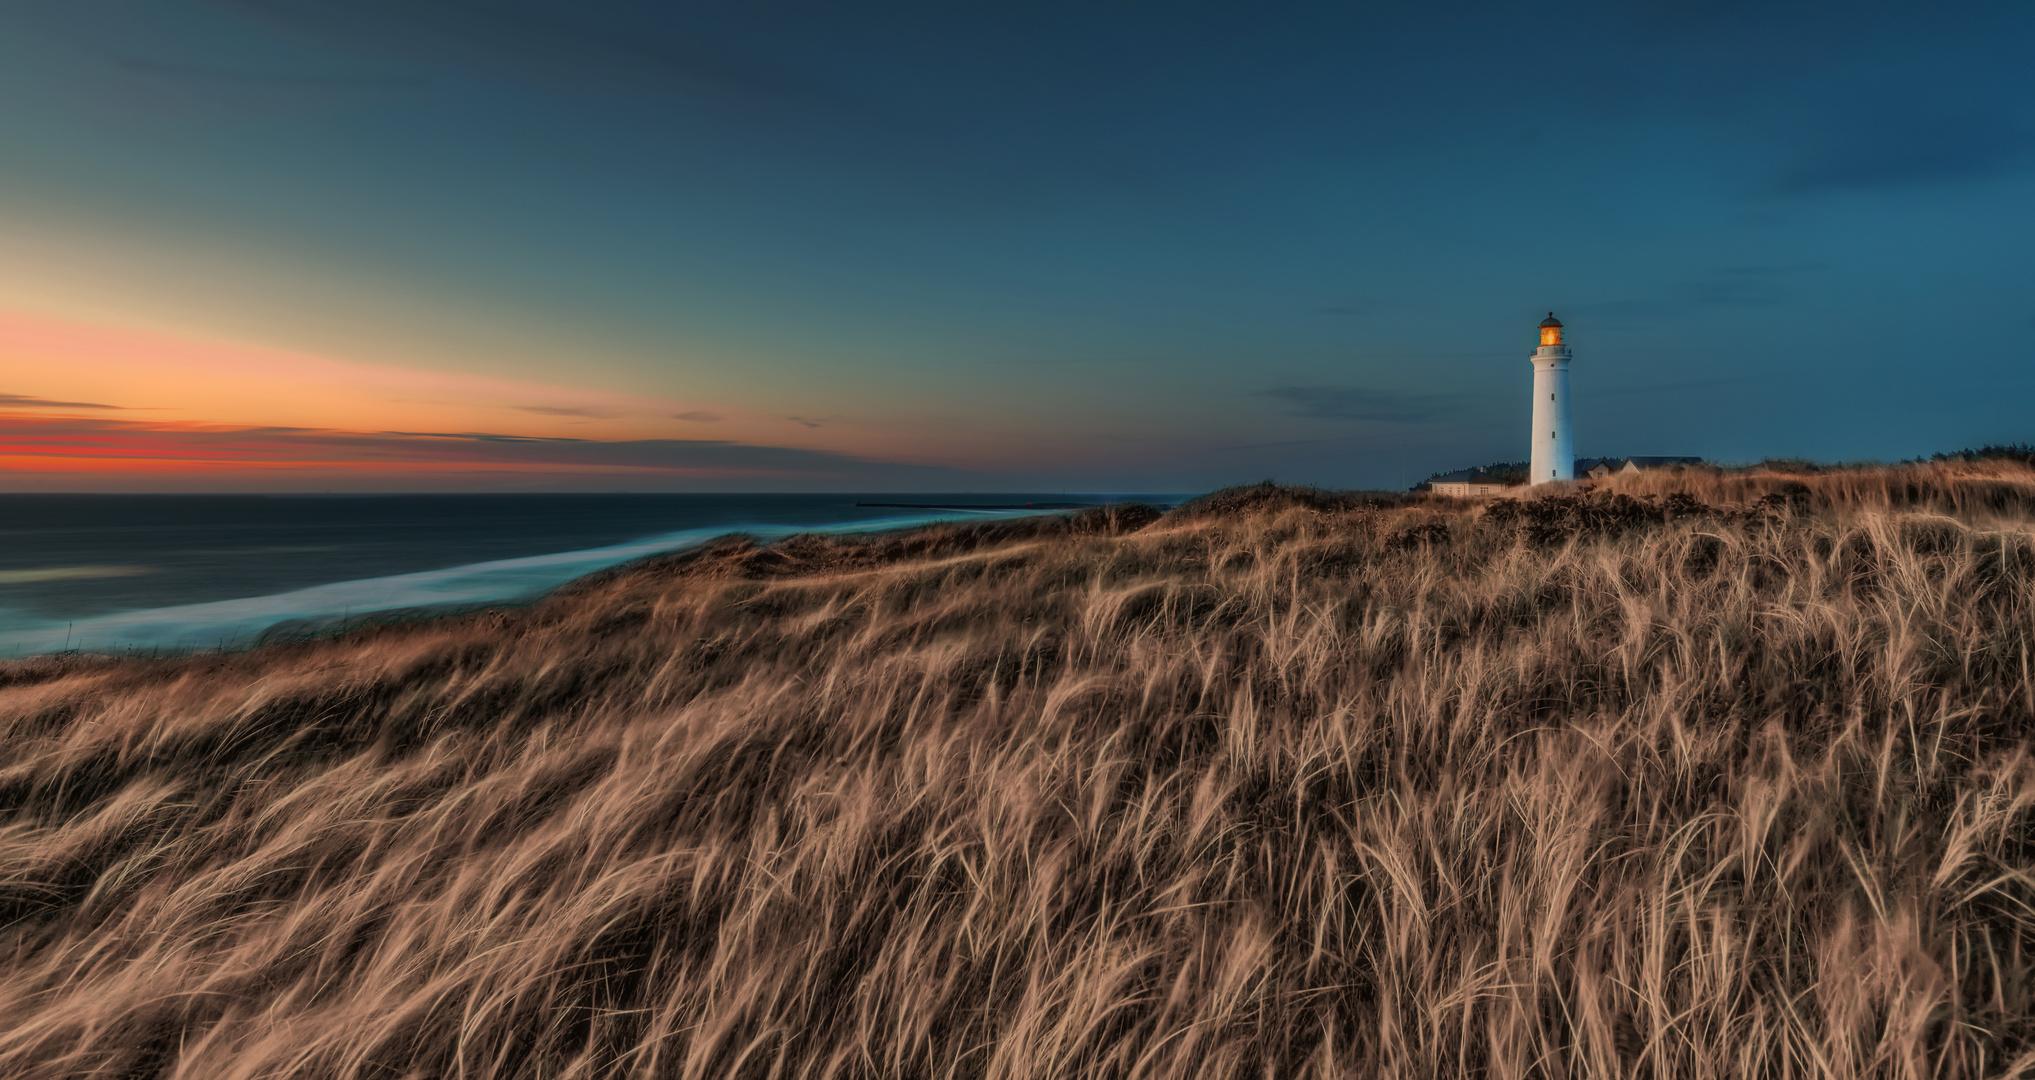 Hirtshals Fyr, der Leuchtturm im Norden Dänemarks